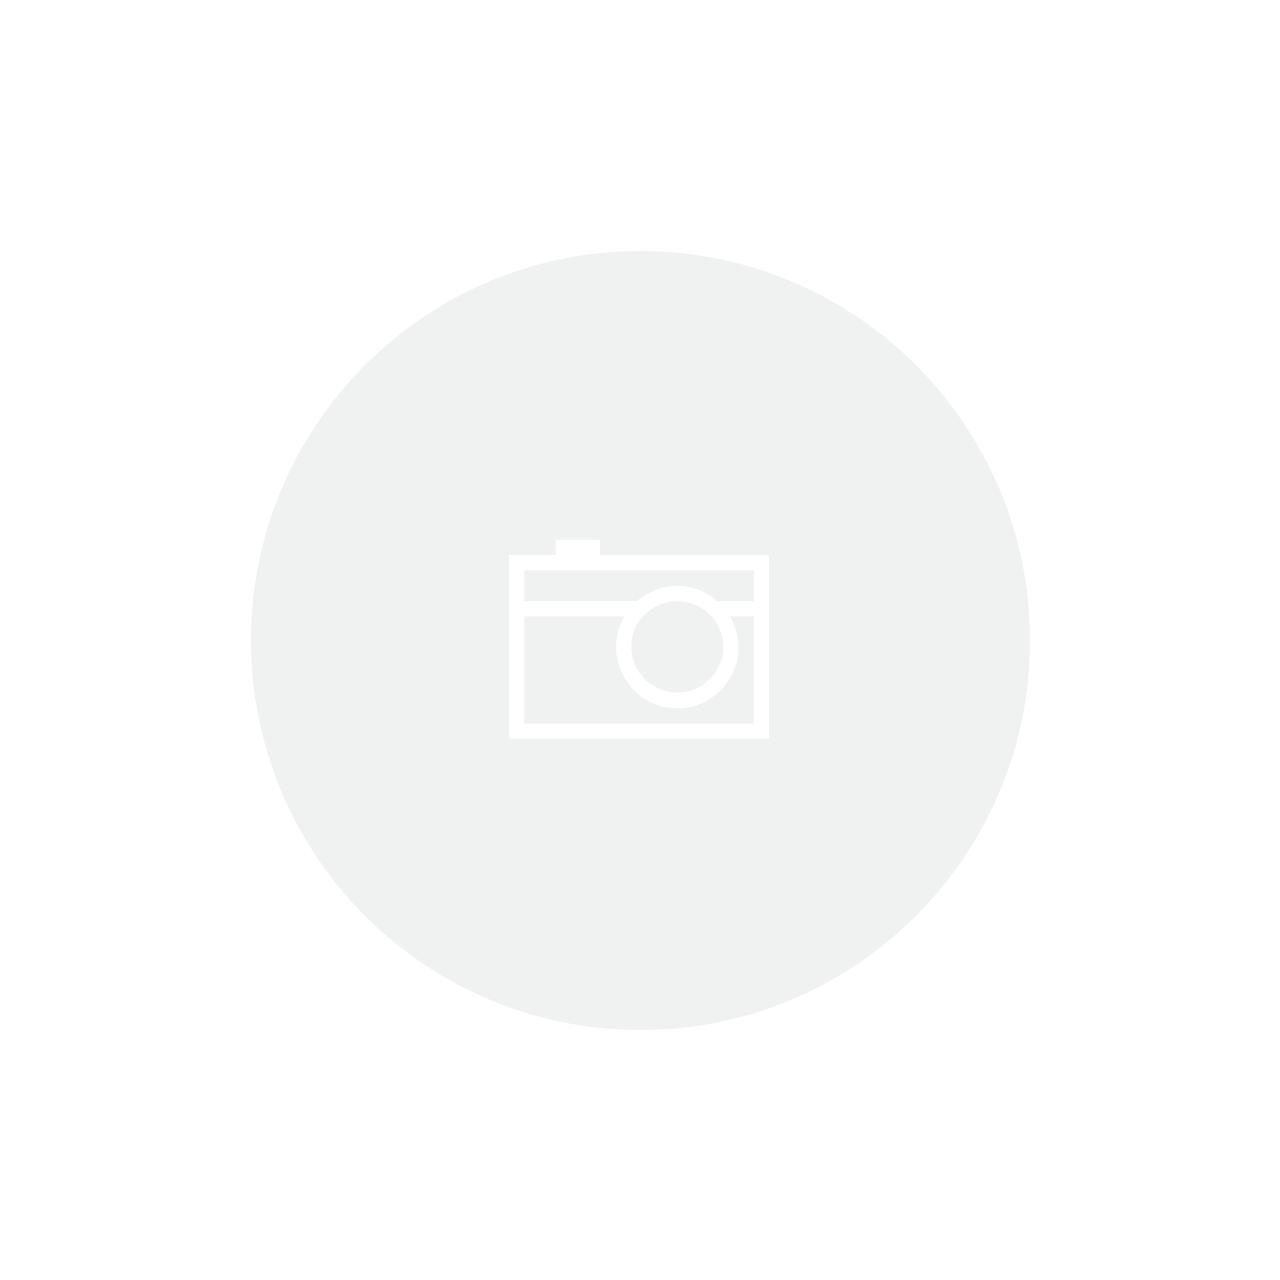 Seleção Carmenère - Pack com 04 rótulos